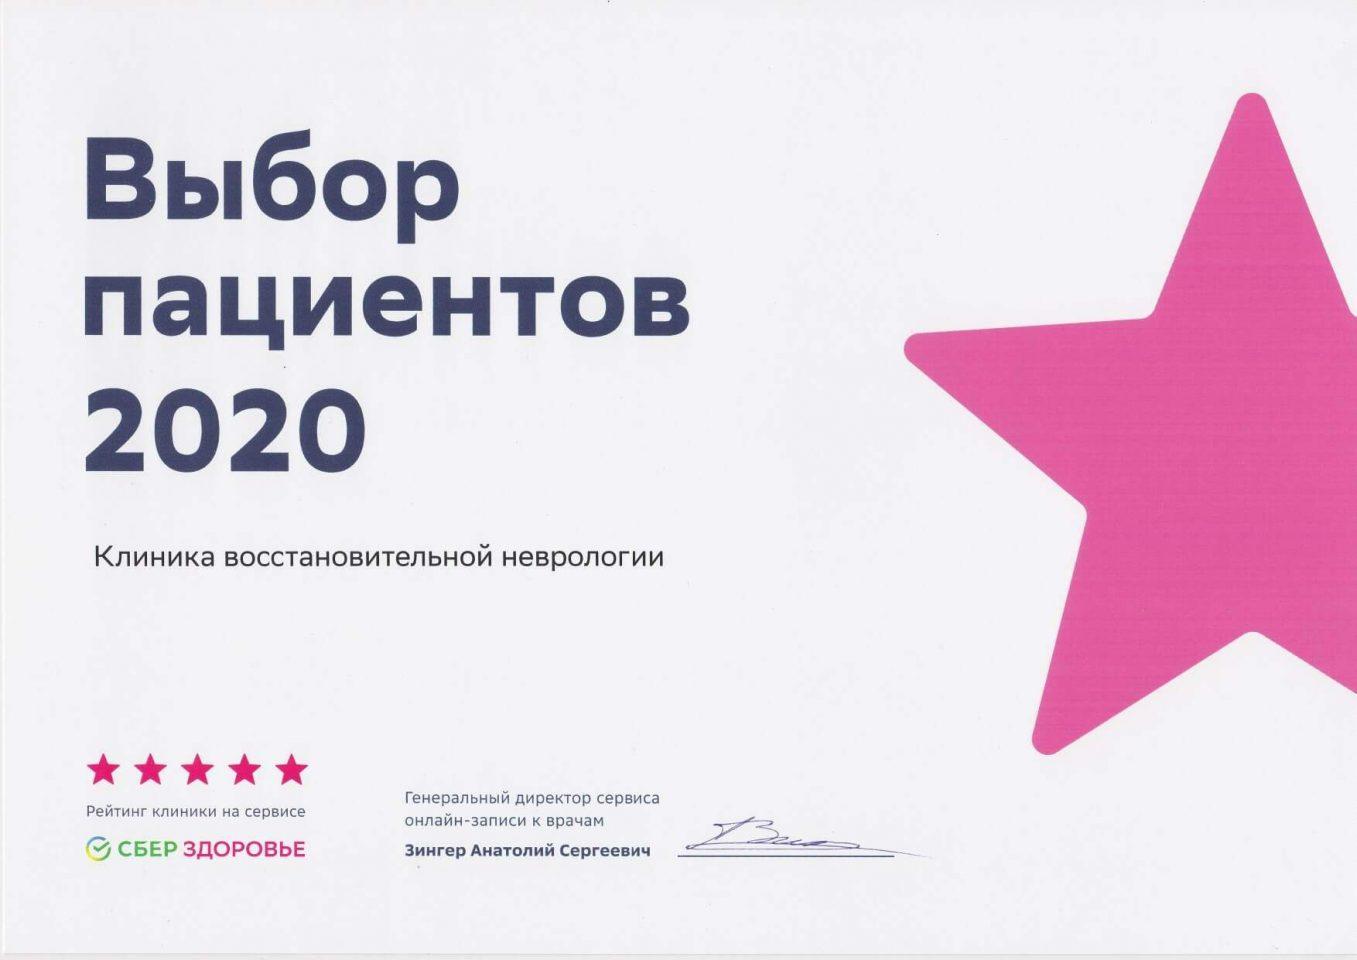 2020 Клиника восстановительной неврологии выбор пациентов